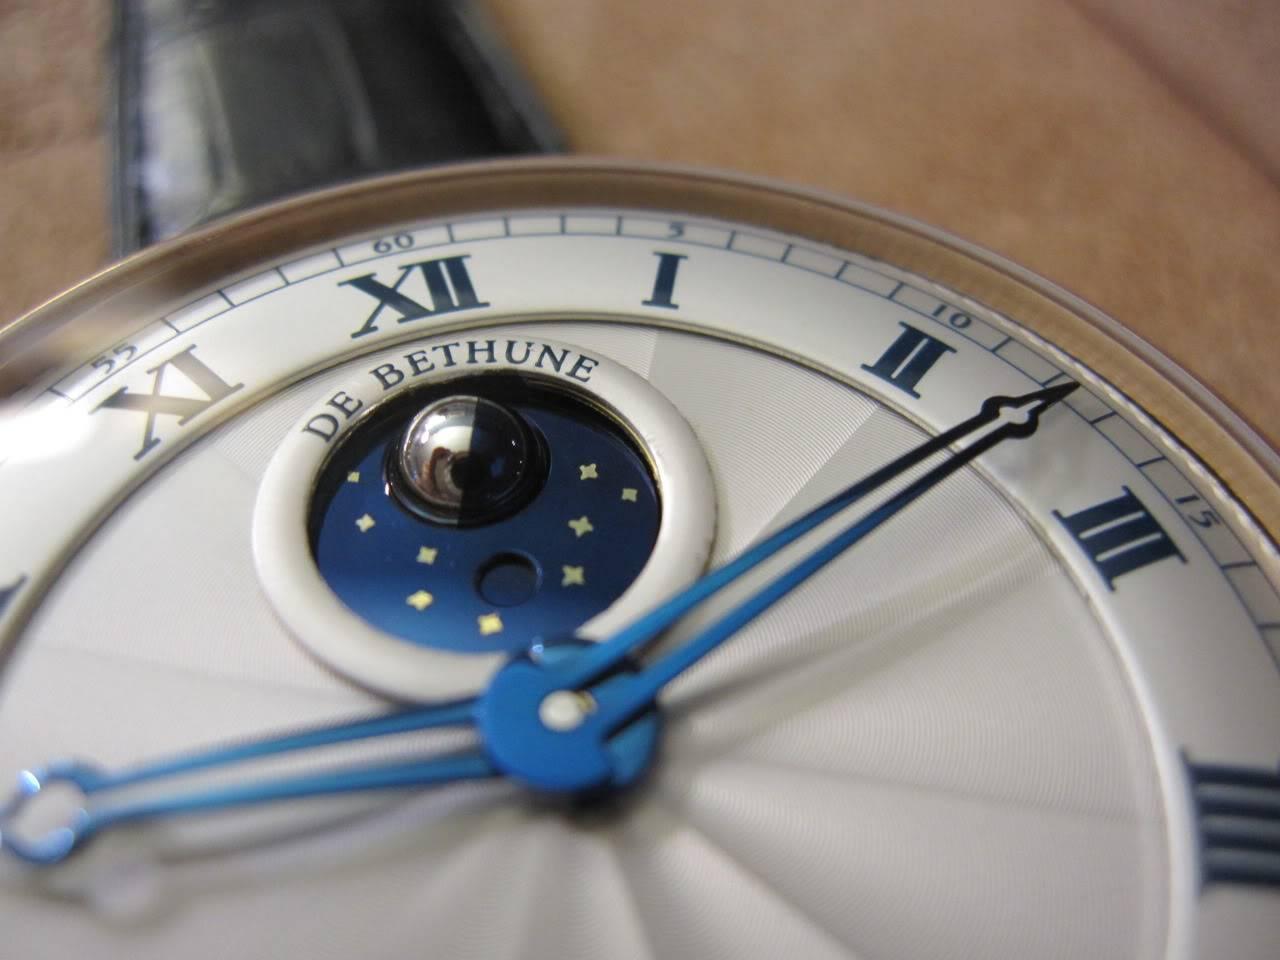 Où l'horlogerie devient art... (De Bethune inside) - Page 2 DB_SIHH2010_013